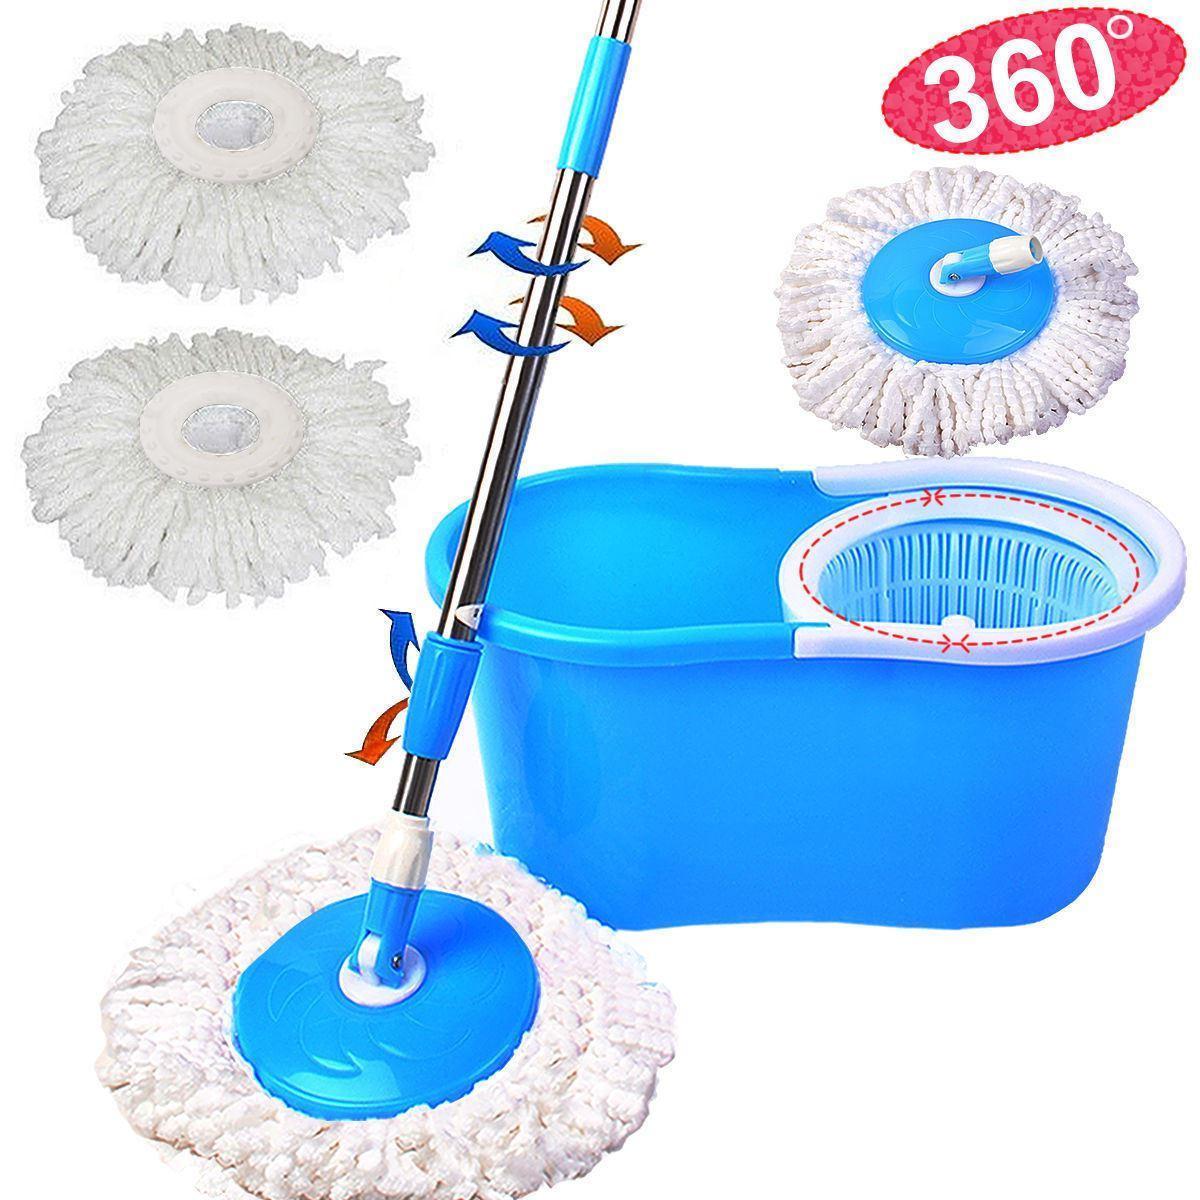 Швабра-лентяйка с турбо отжимом и ведром Spin MOP 360° с круглой насадкой